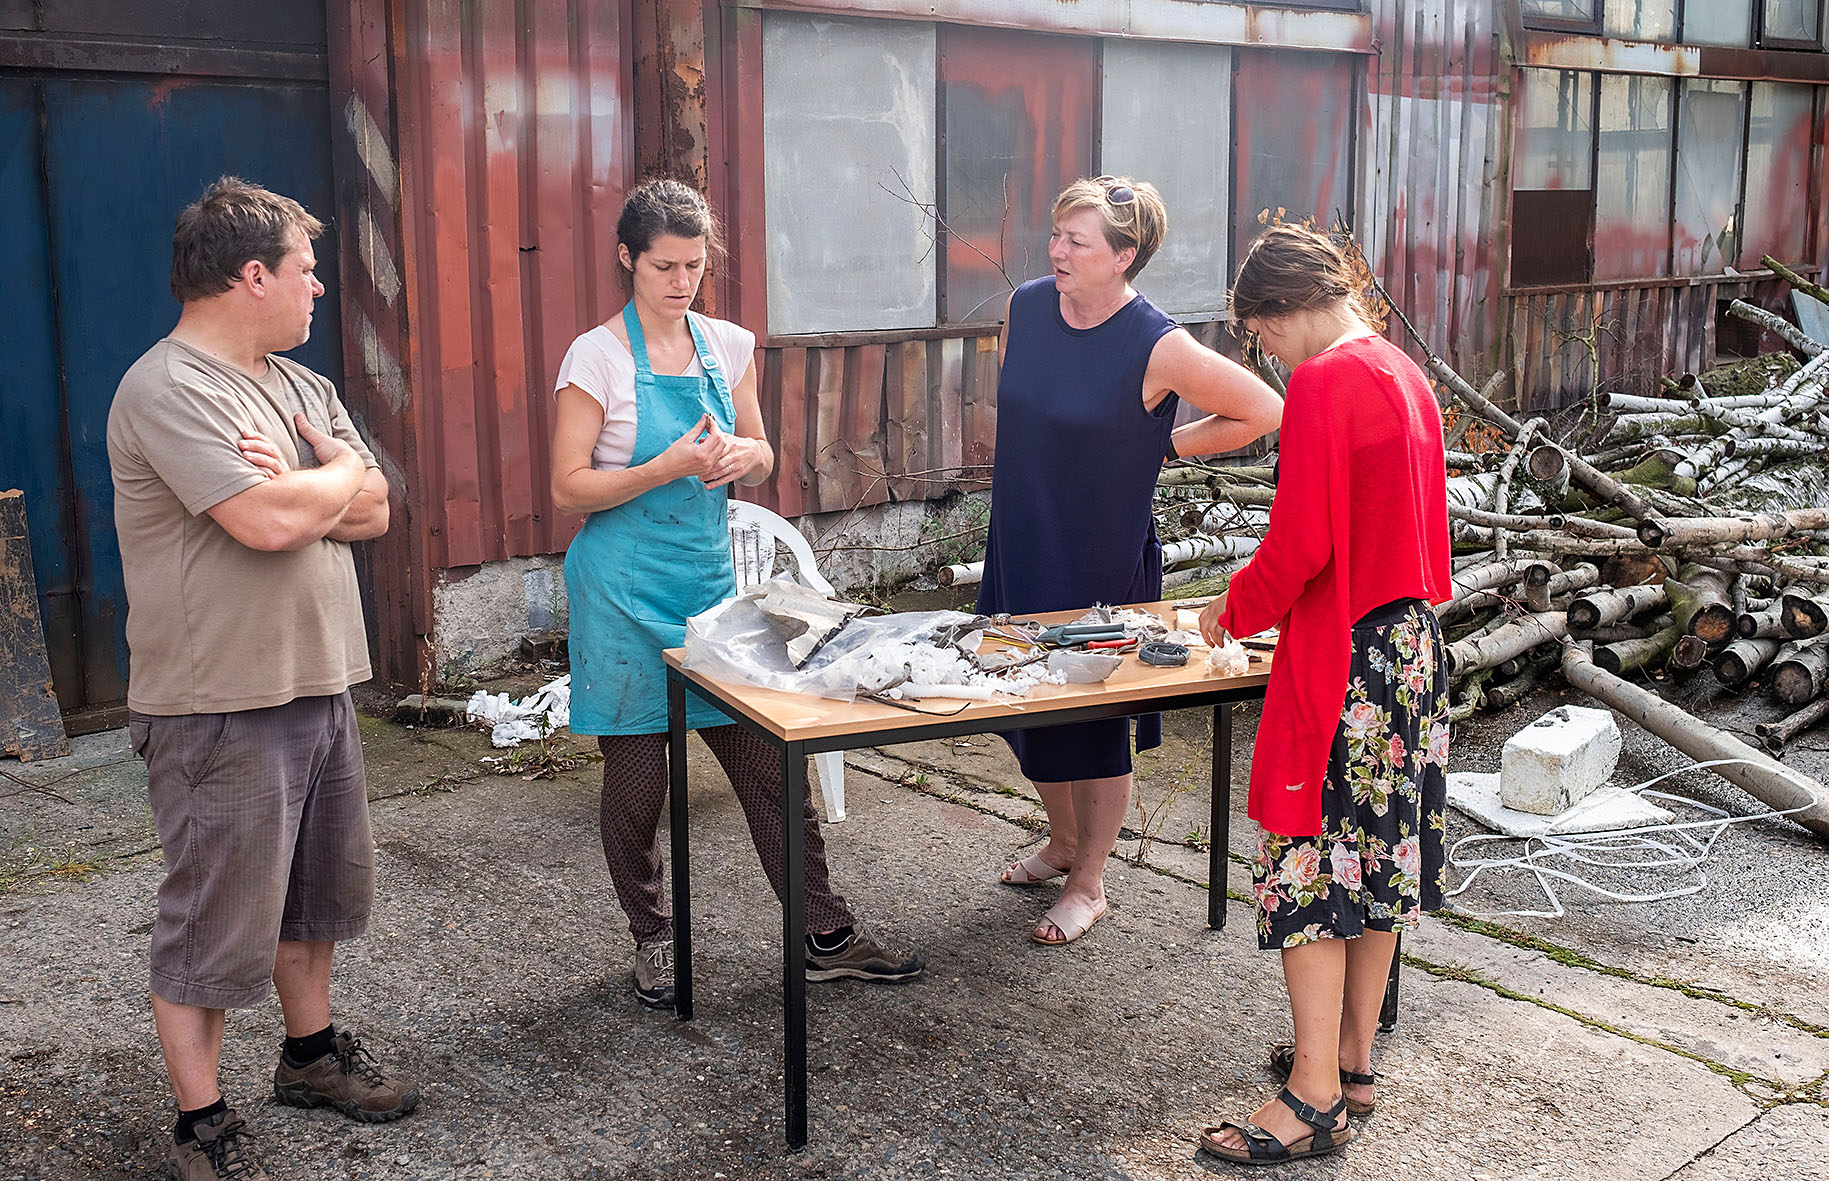 Naši hosté při práci (zleva): Marek Rejent, Anička Krtičková-Fukátková, Anička Krtičková-Fukátková, Zuzana Vítková